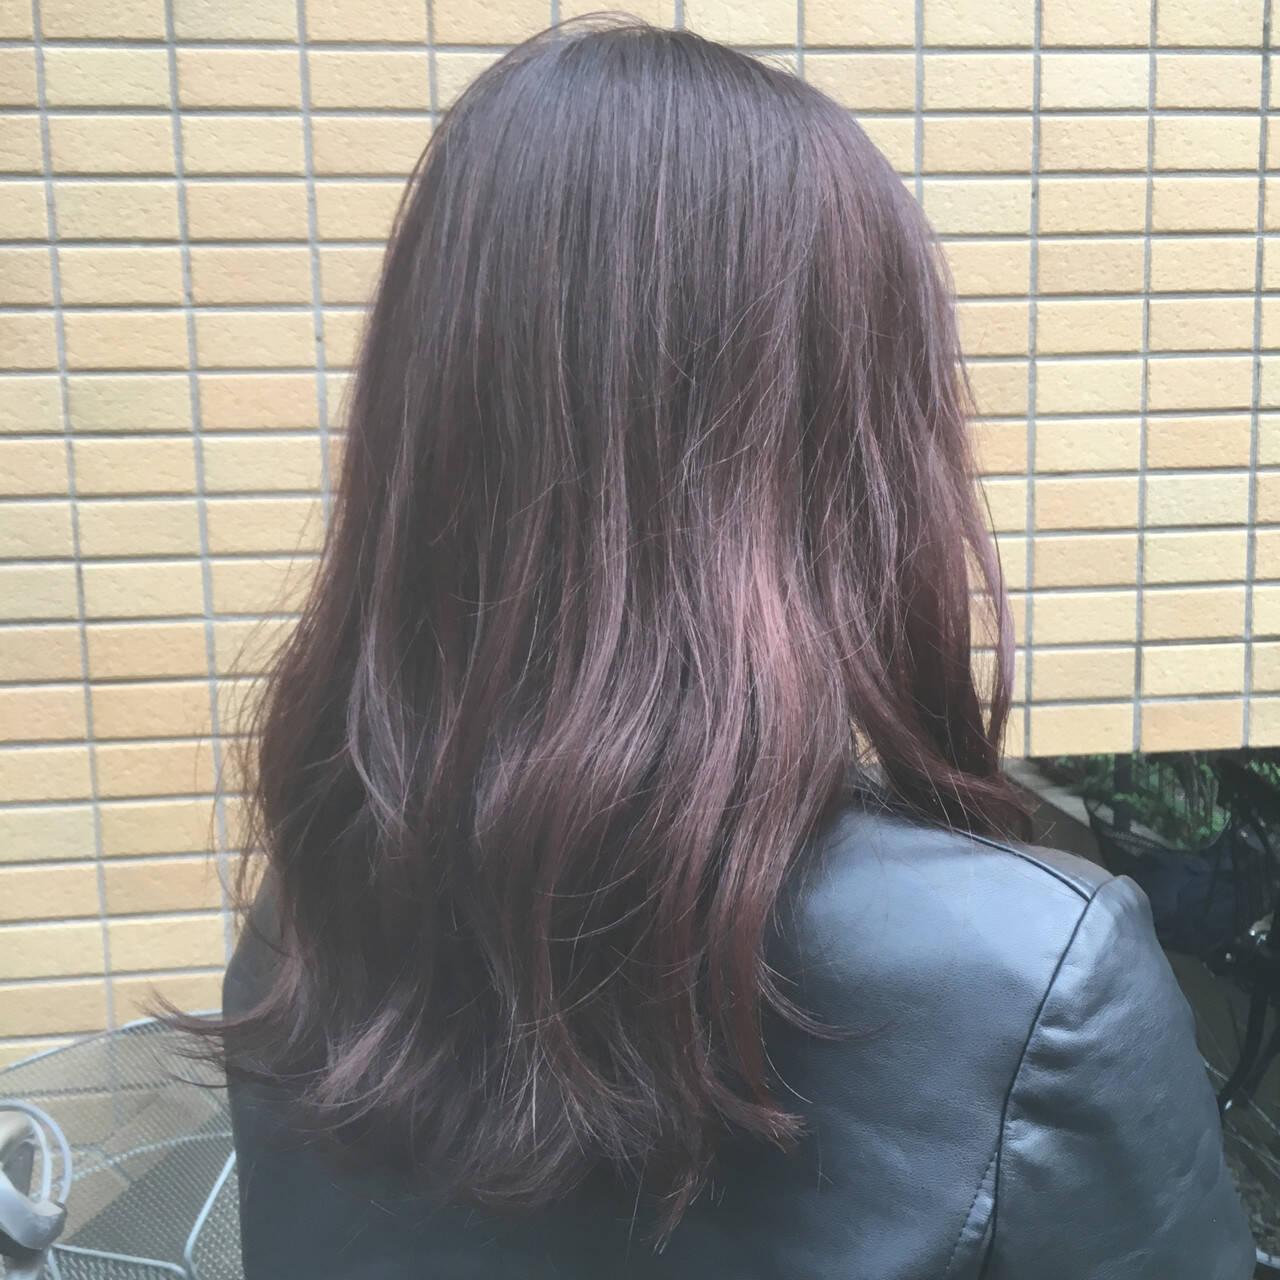 フェミニン ロング デート 大学生ヘアスタイルや髪型の写真・画像